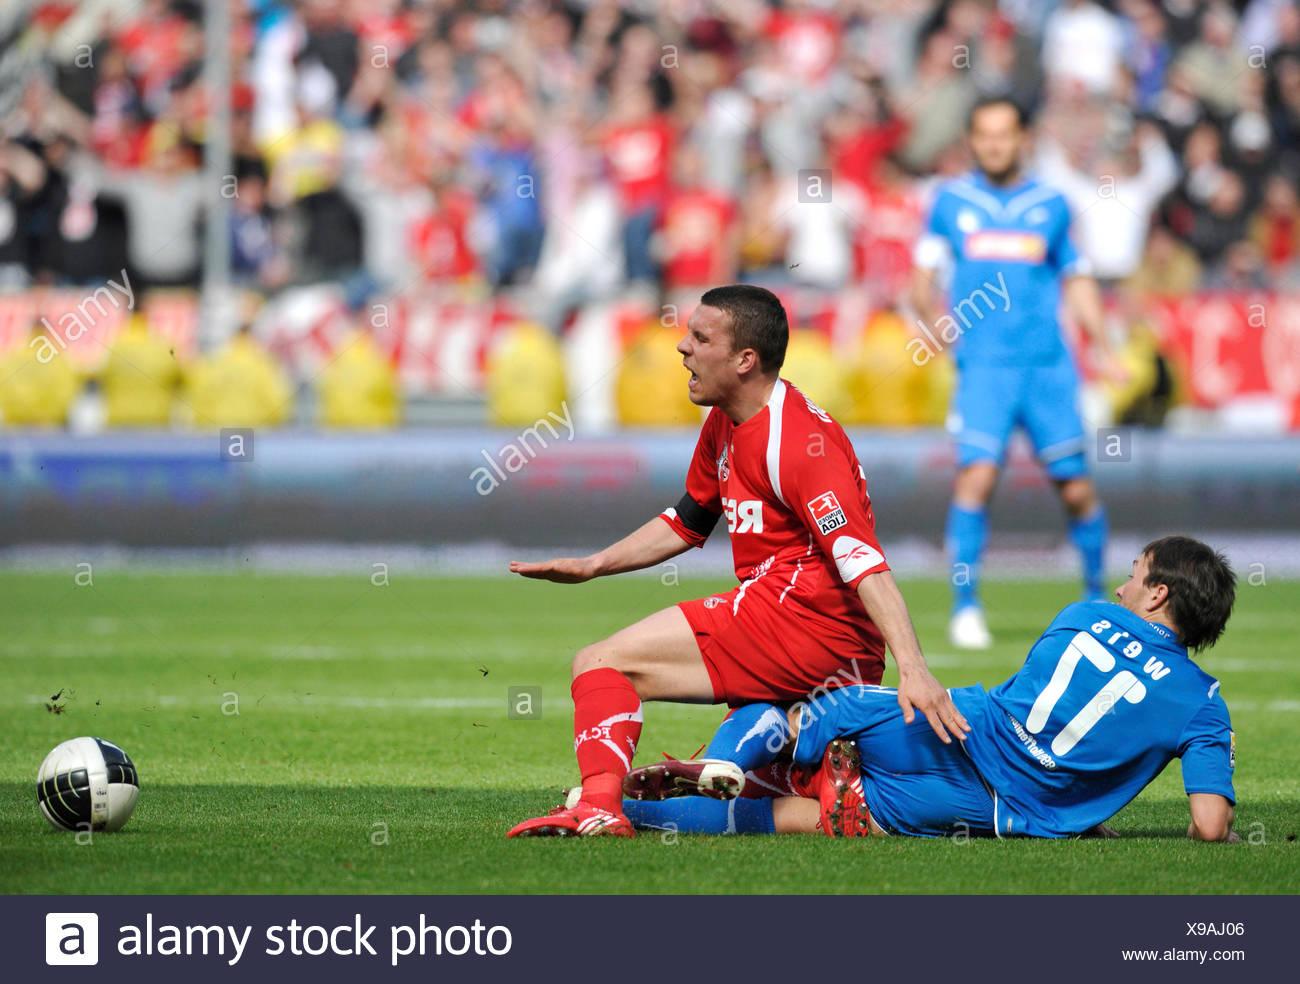 Begangenes Foul während Challenge, Tobias Weis der TSG 1899 Hoffenheim, links, Vs deutschen internationale Spieler Lukas Podolski 1. FC Stockbild